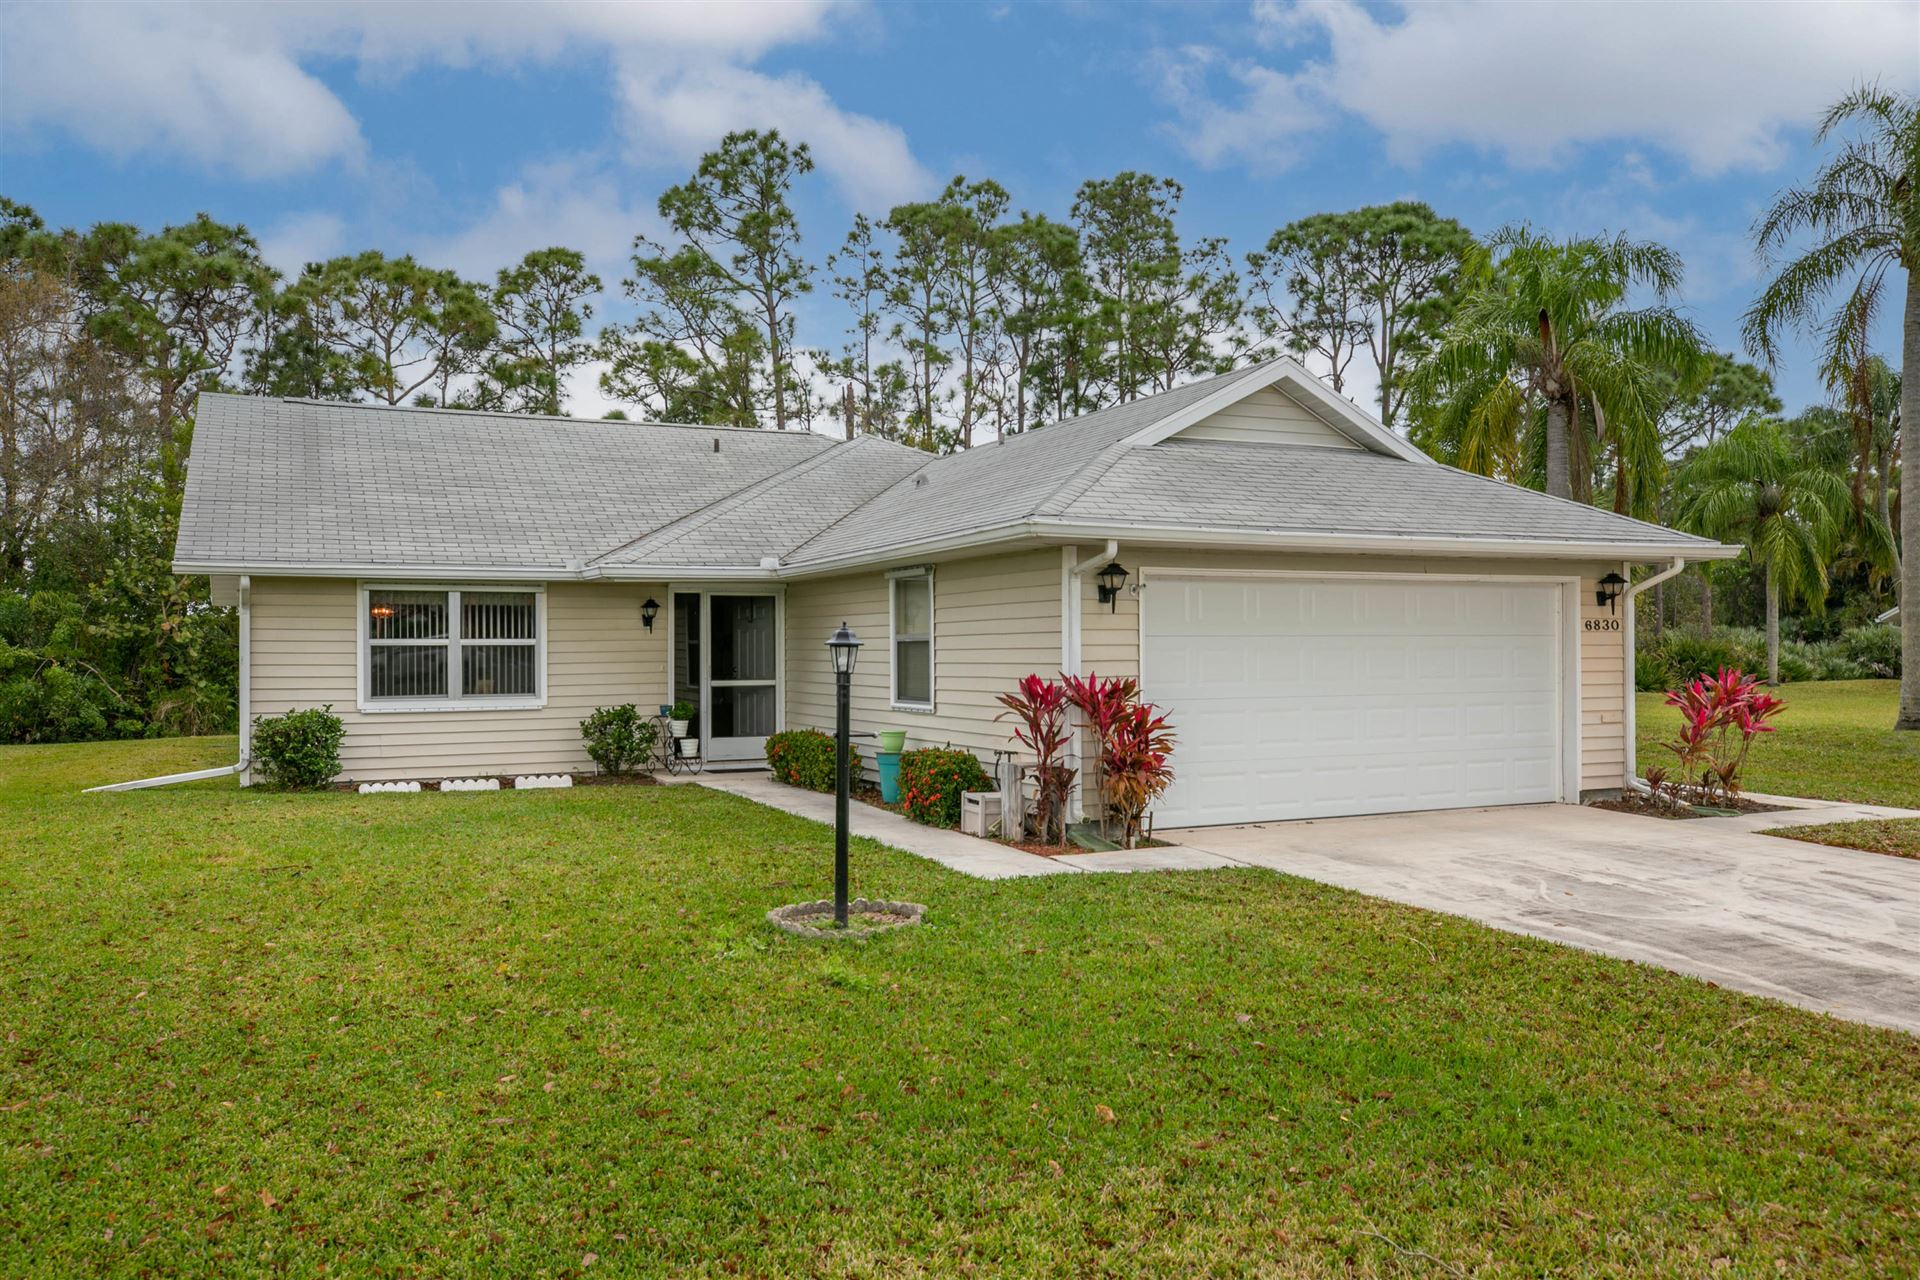 6830 SE Lillian Court, Stuart, FL 34997 - #: RX-10692379